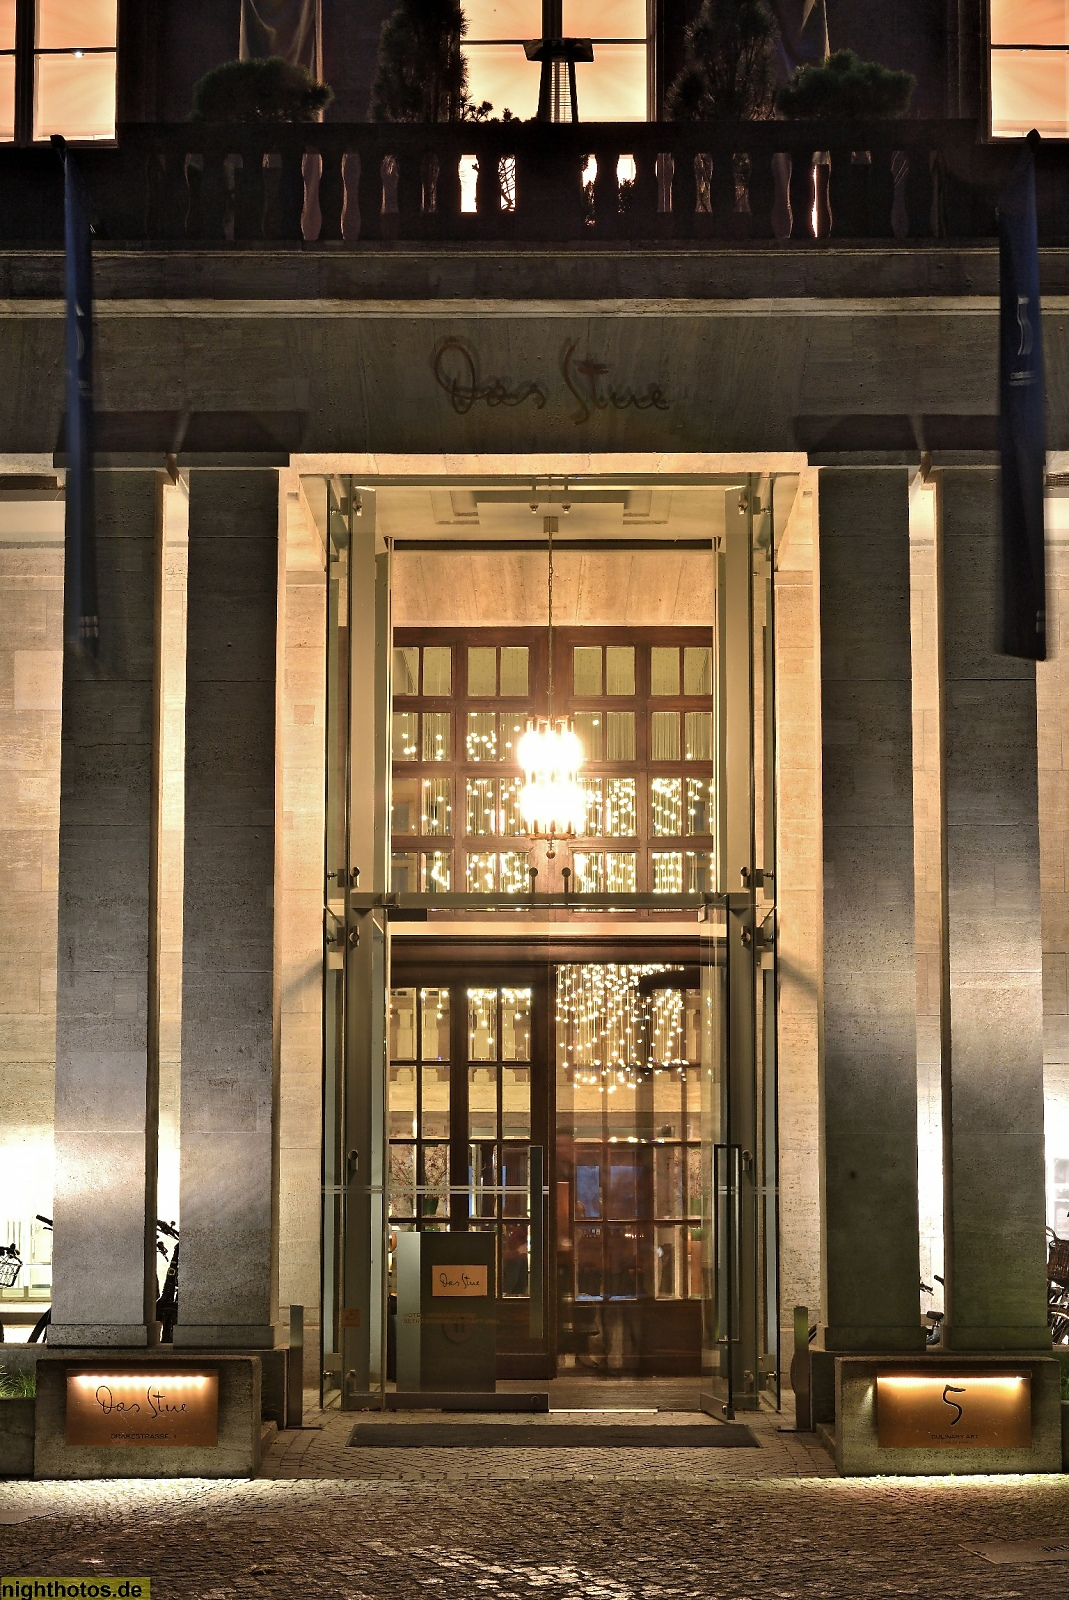 Berlin Tiergarten Hotel Das Stue Portal Nightphotosde